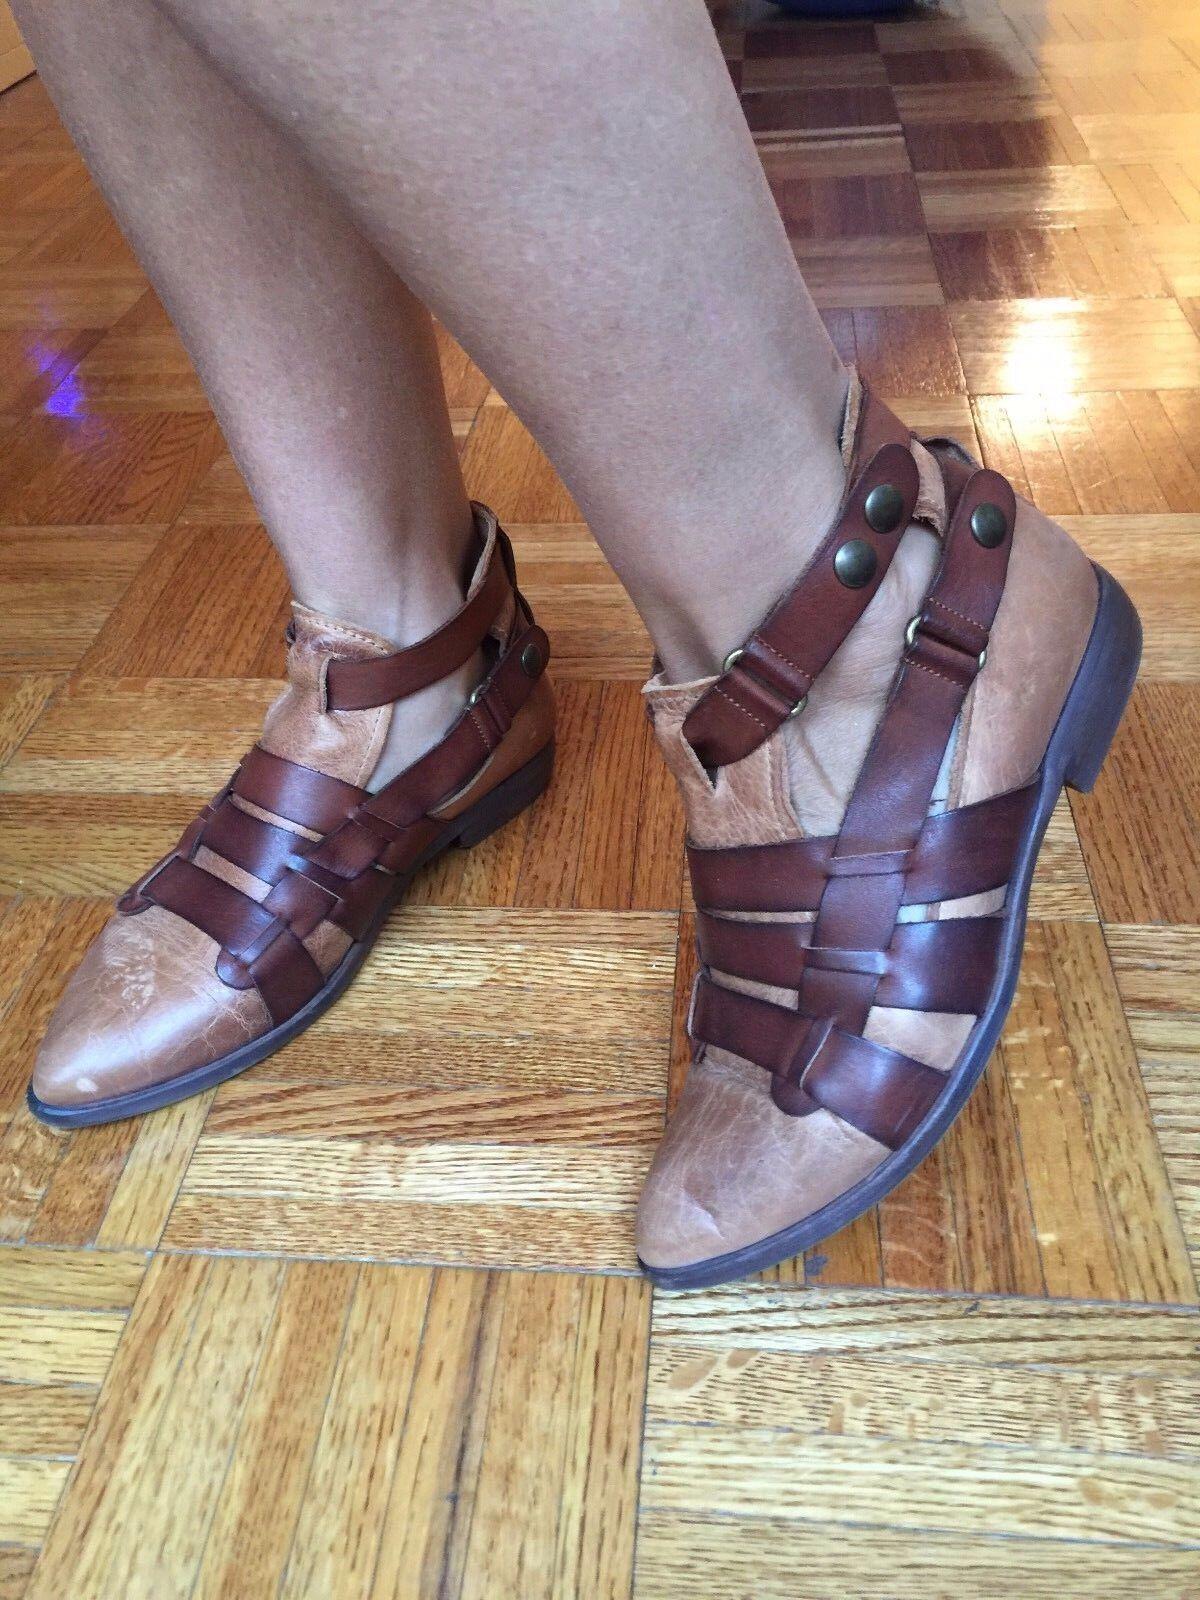 grandi risparmi FREE PEOPLE Marrone AND COGNAC COGNAC COGNAC LEATHER scarpe US Sz 7 donna SOLD OUT   forniamo il meglio